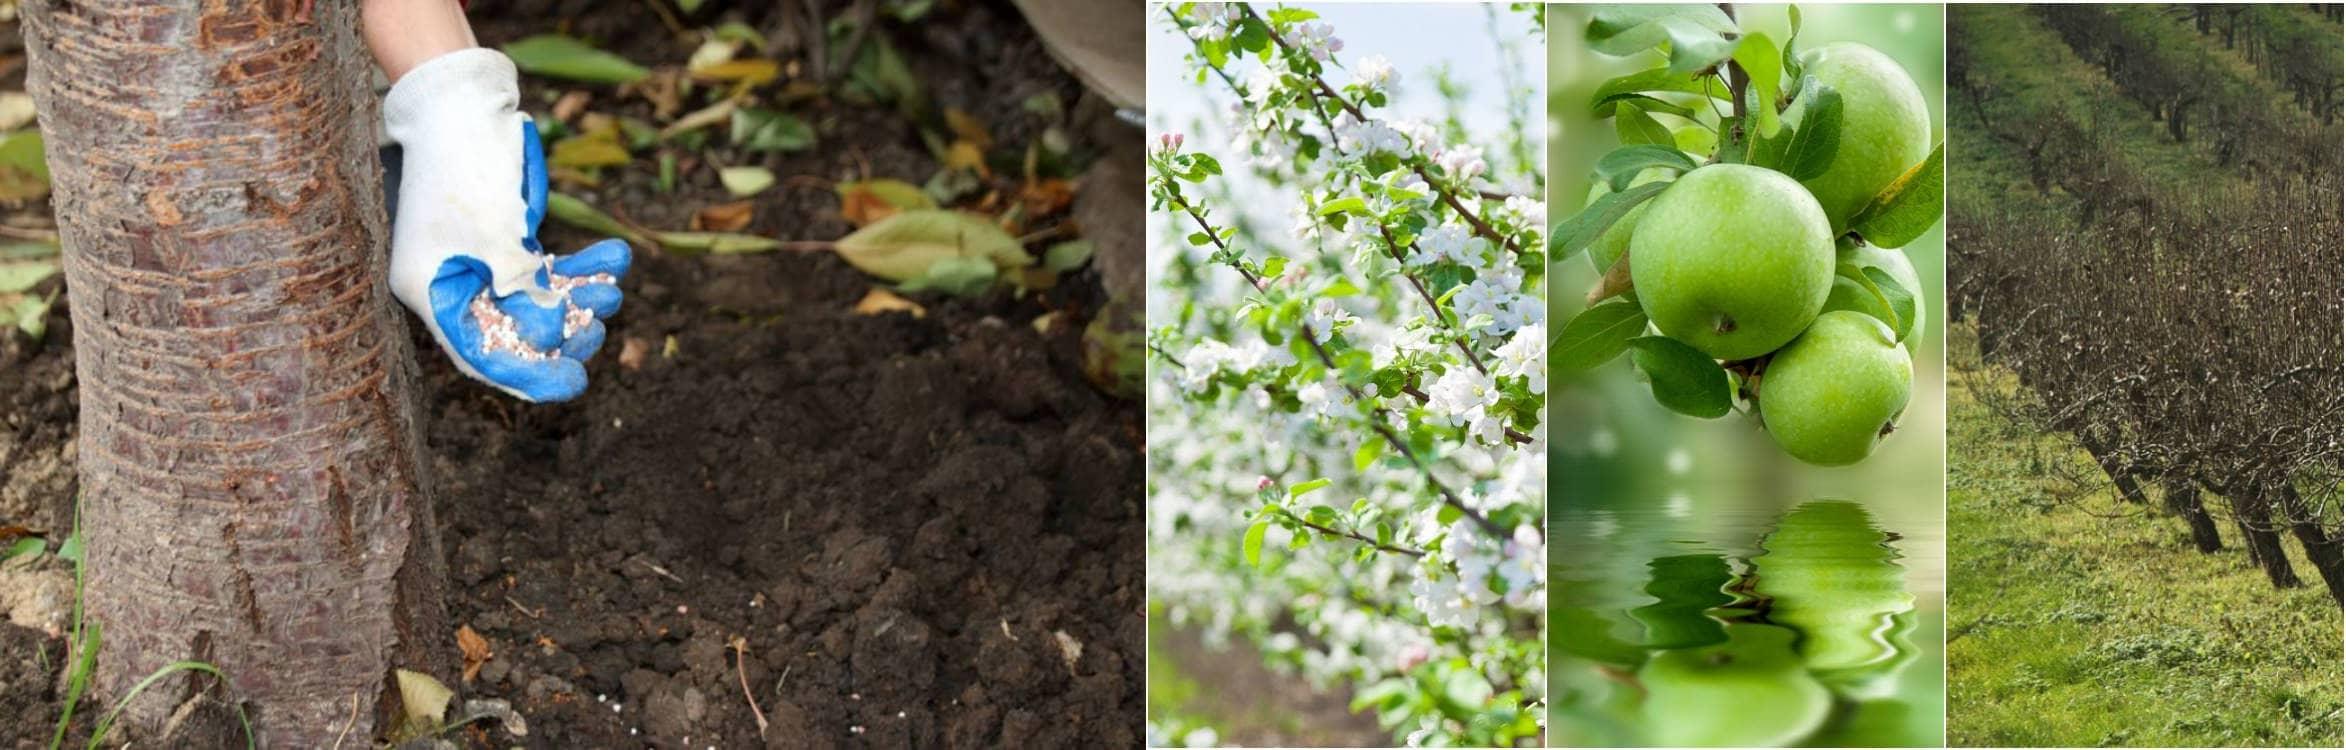 Чим підживити яблуню навесні, щоб вже в серпні збирати великі і солодкі яблука які не опадають. Ділюся рецептом